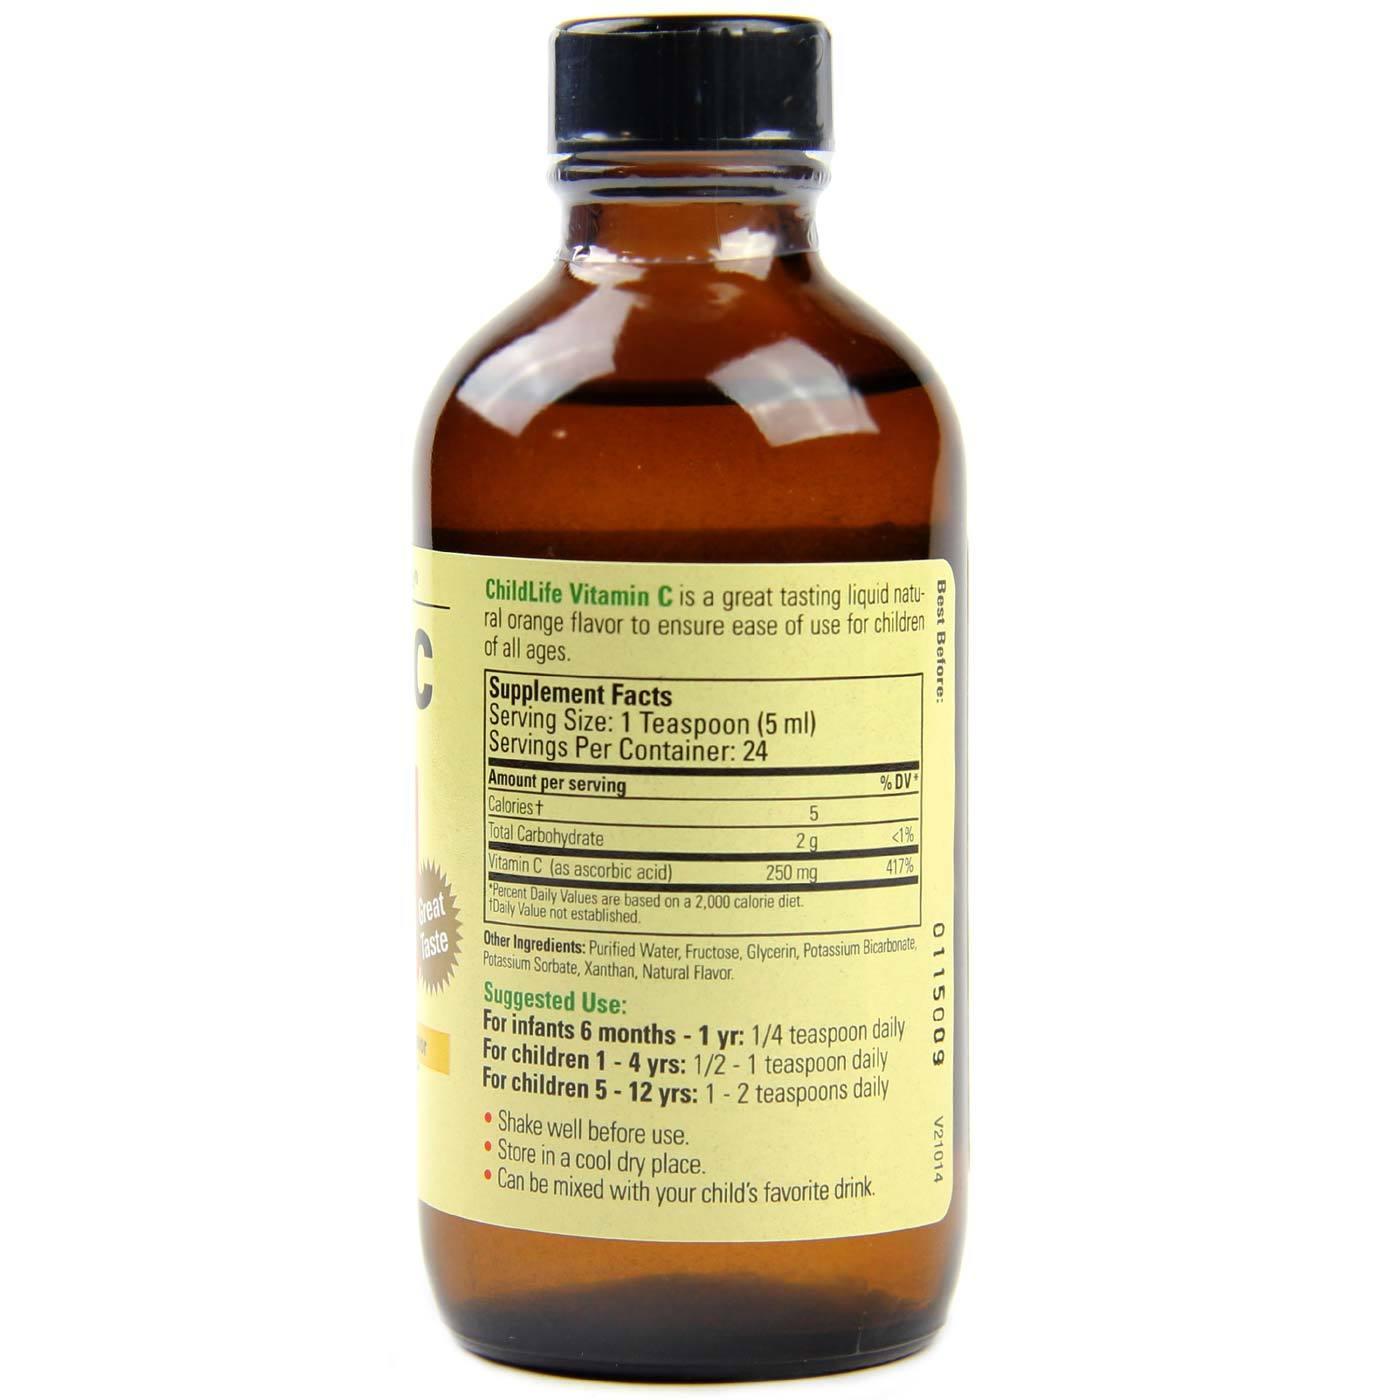 Childlife Vitamin C Liquid Orange 4 Fl Oz